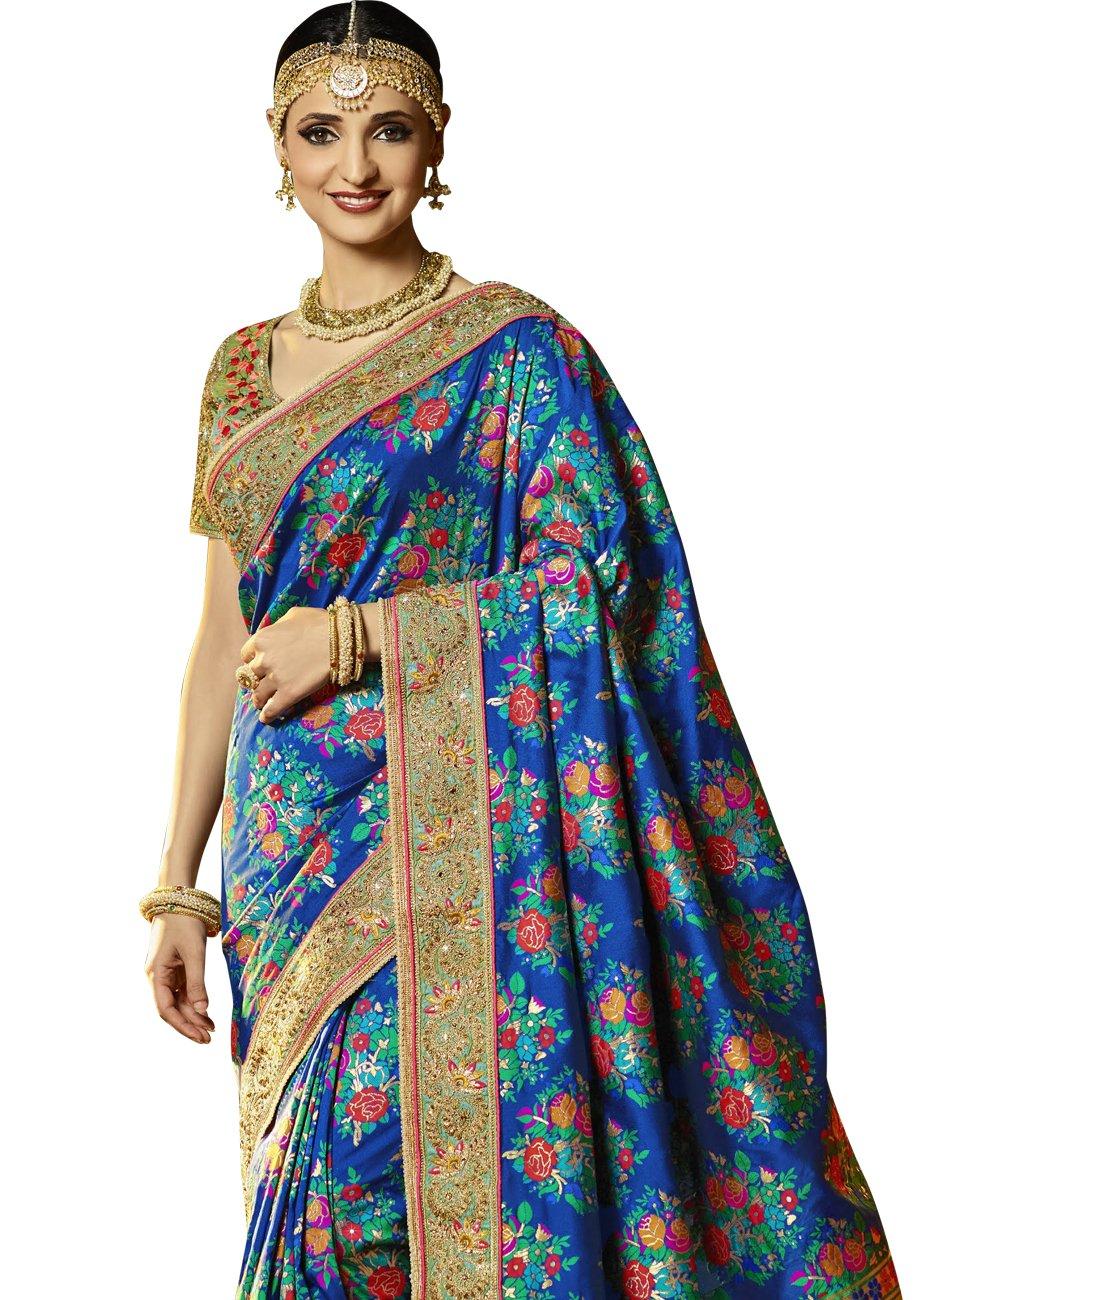 Maahir Garments Exclusive Indian Ethnicwear Banarasi Brocade Silk Royal Blue coloured Handloom Saree by Maahir Garments (Image #2)